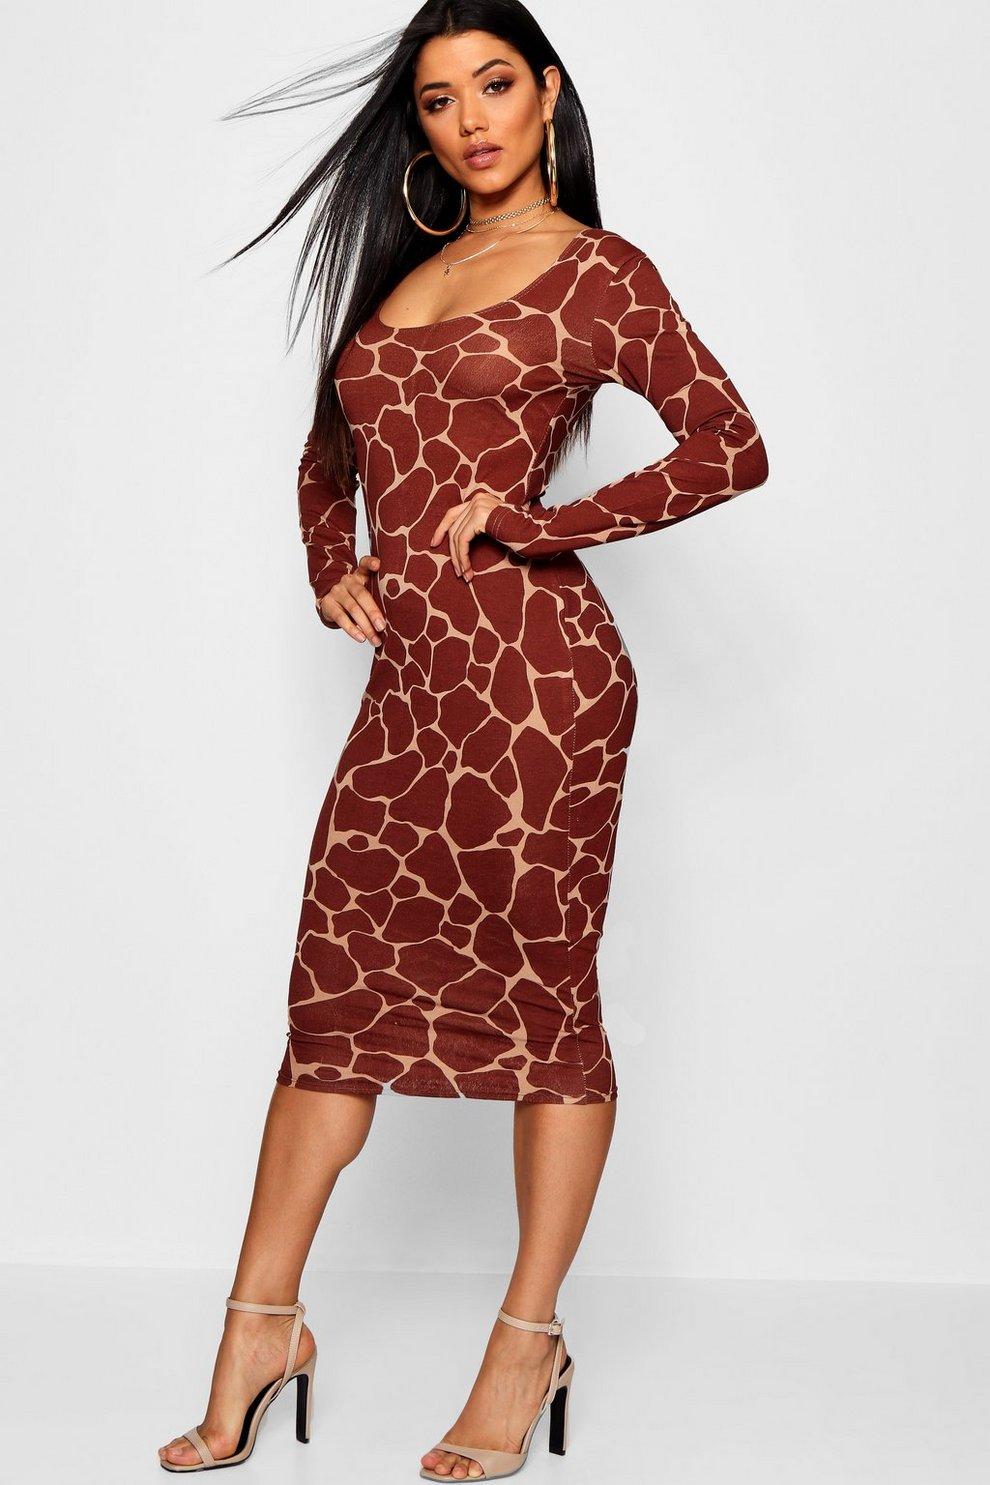 64a7ea2e5eb Giraffe Square Neck Bodycon Midi Dress